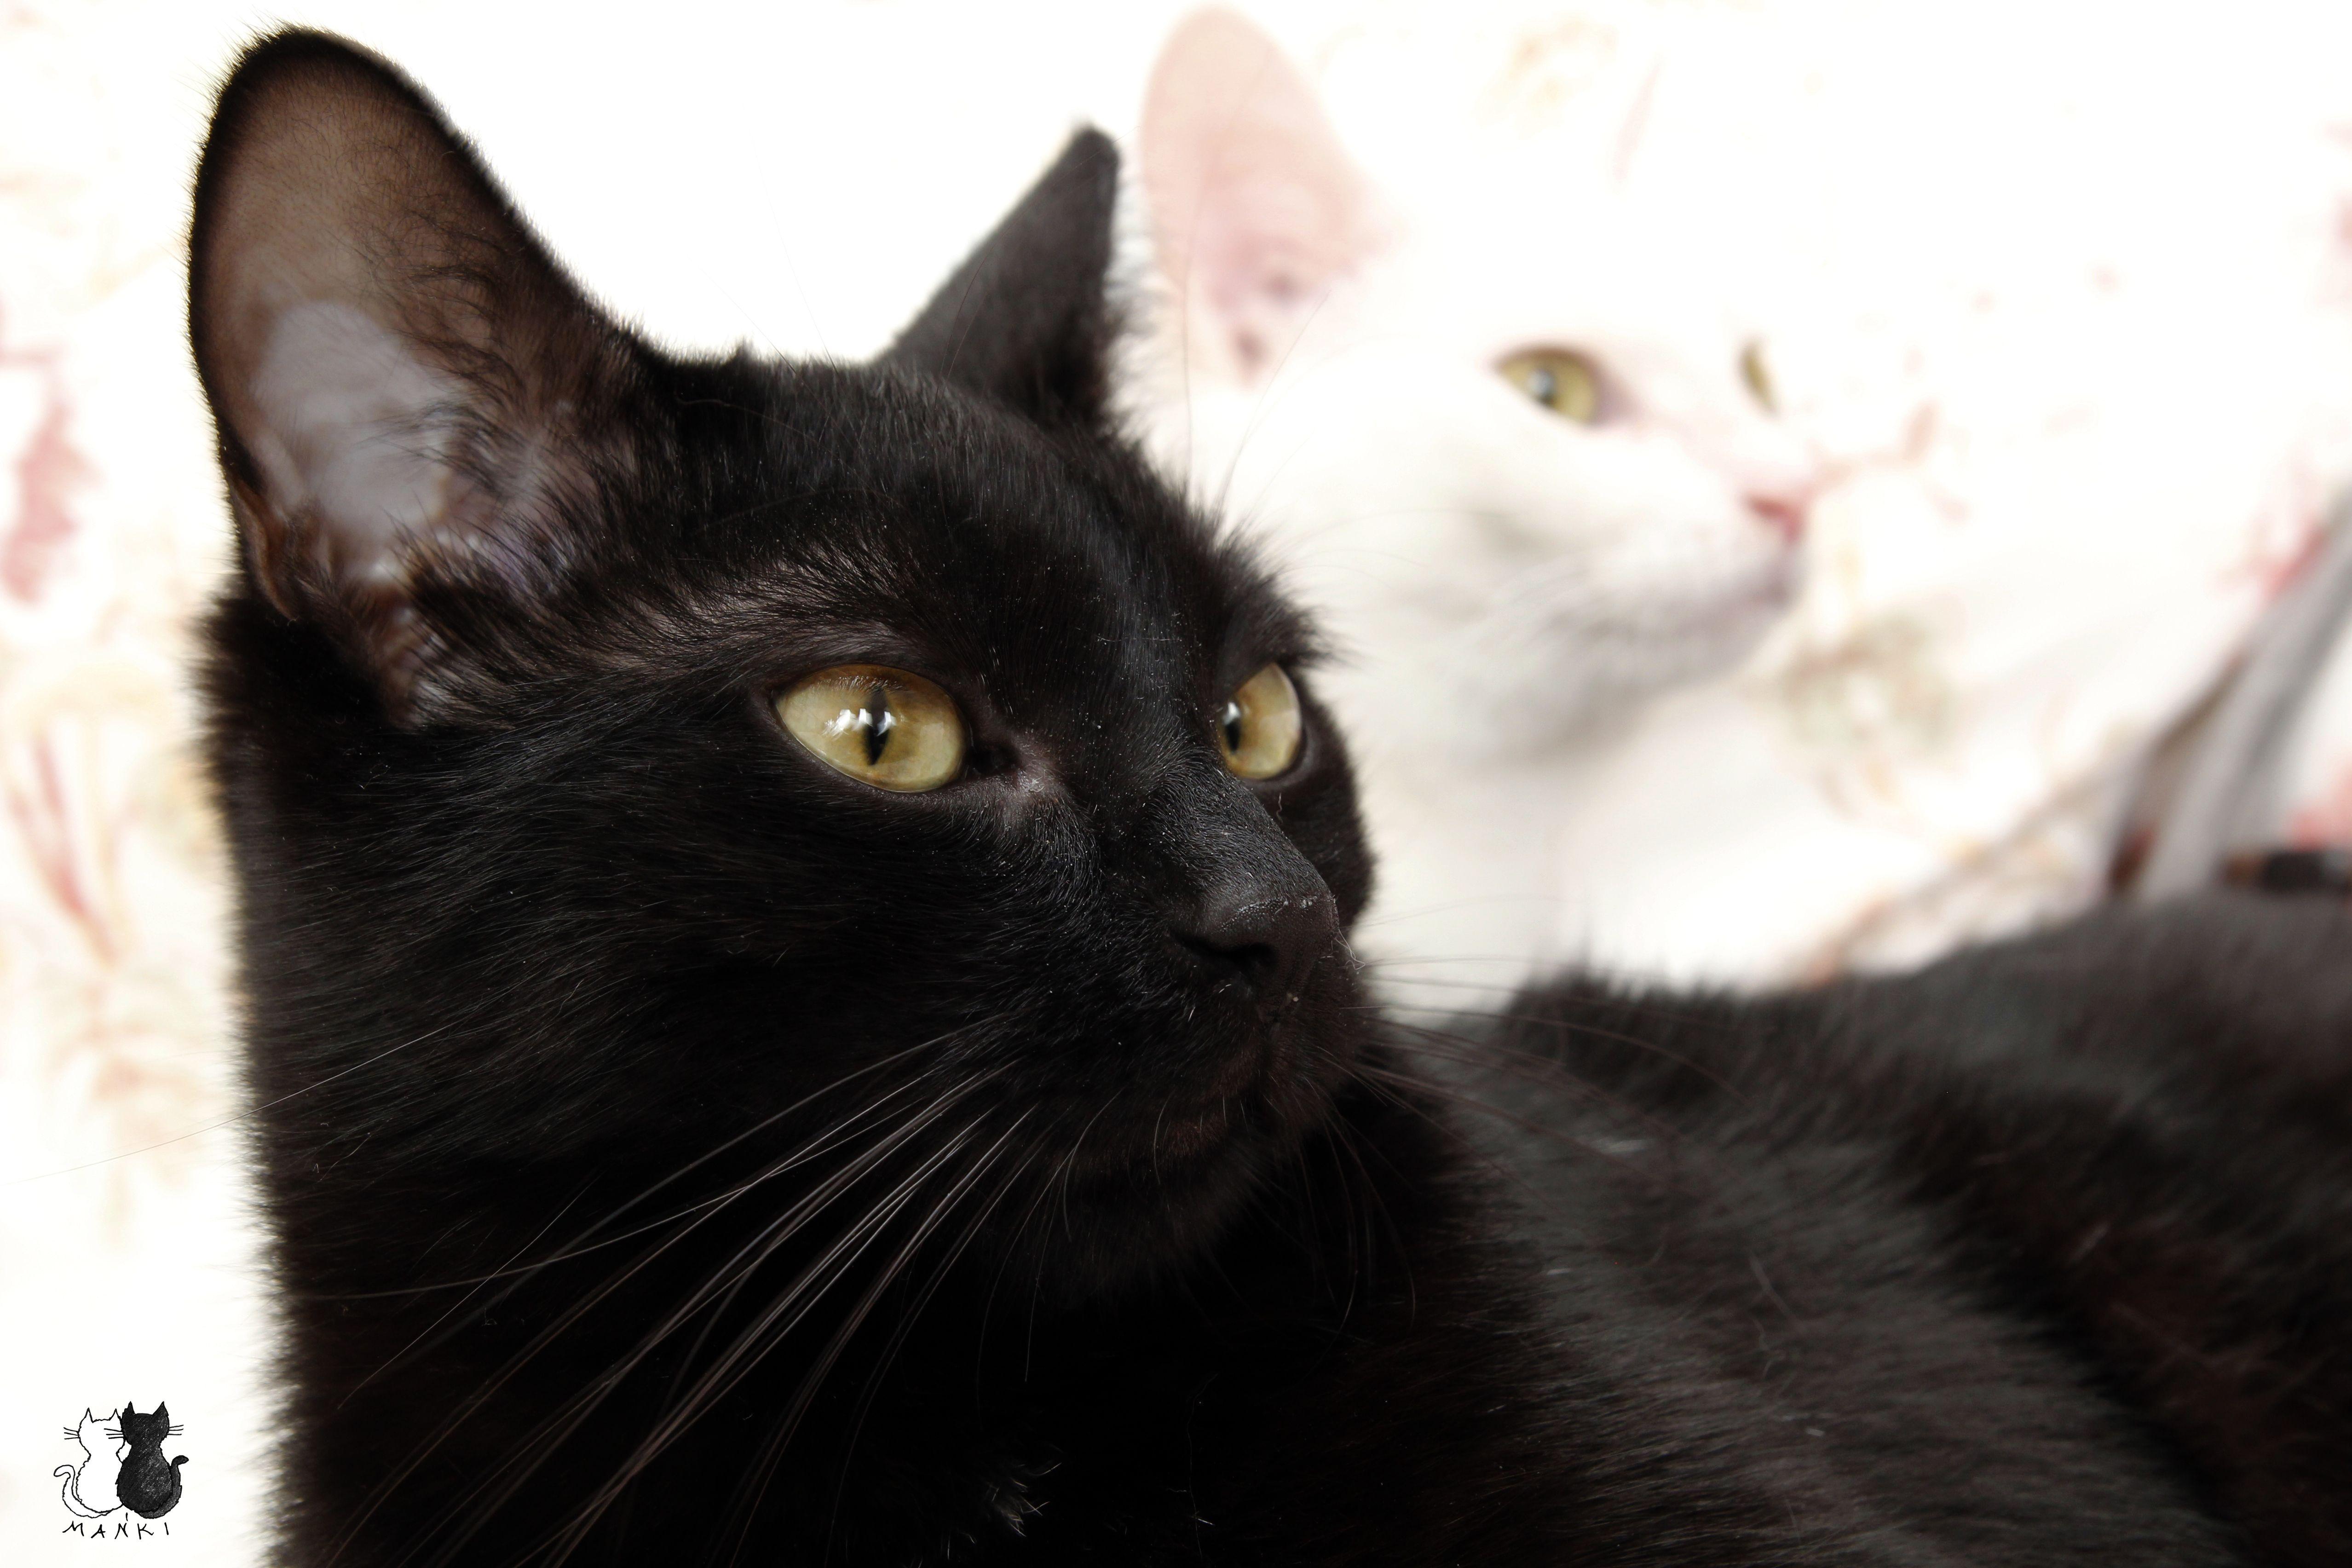 #Maniek #mańki #manki #cats #caturday #neko #cat #lovemycats #blackcats #koty #catseverywhere #cute #love  #fluffy #marcelka #whitcats #catstagram #instacats